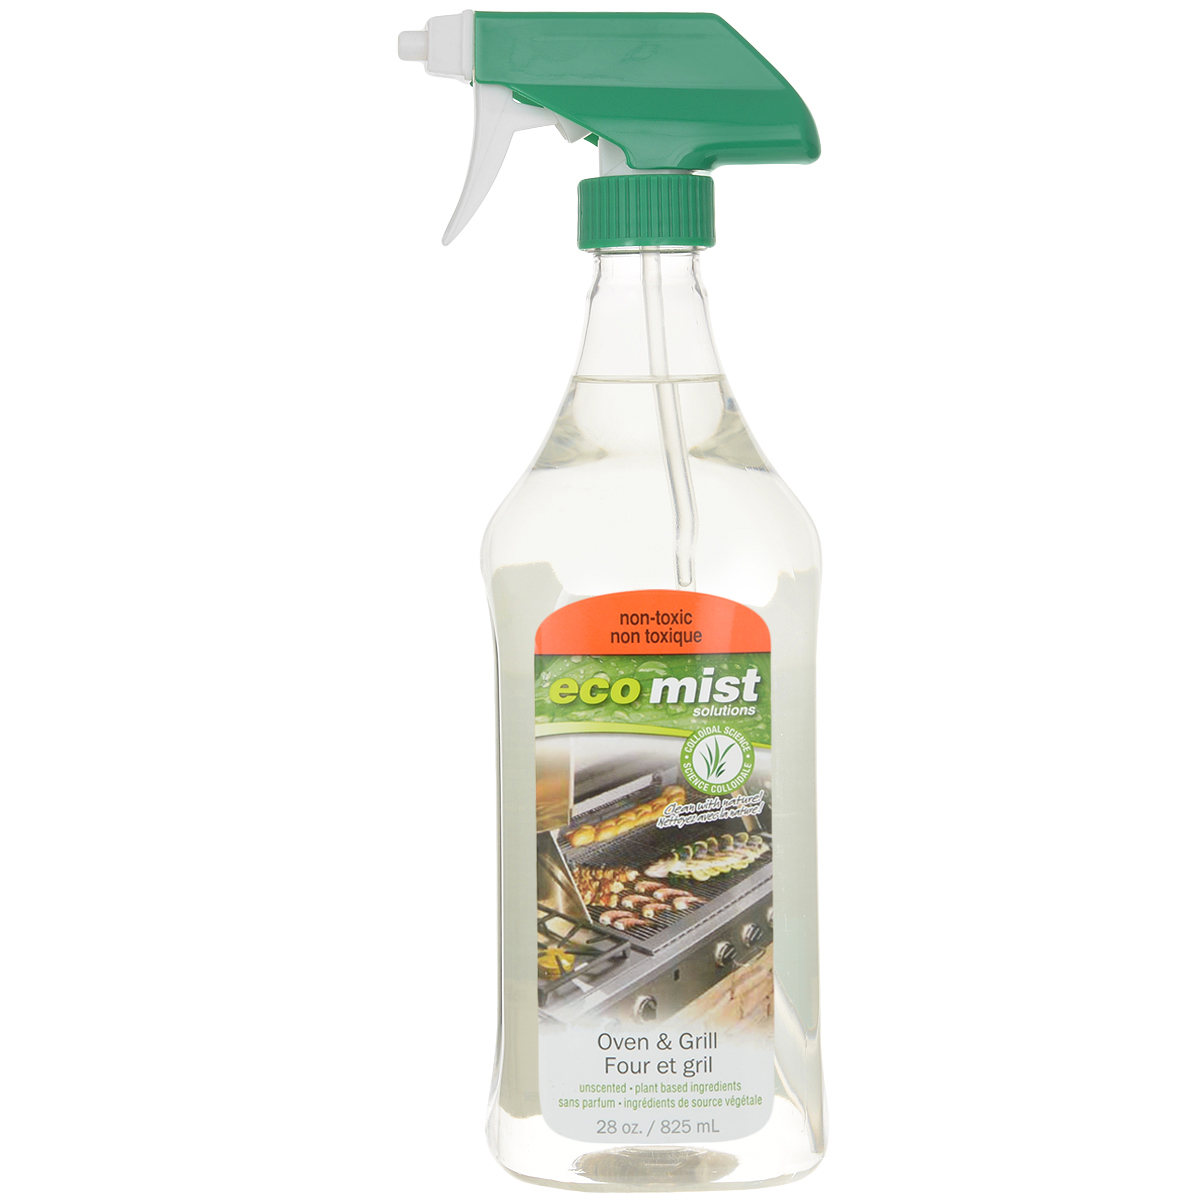 Средство для очистки духовок и гриля Eco Mist, 825 мл790009Средство Eco Mist нового поколения эффективно справляется с нагаром, жиром и неприятным запахом, который остается после приготовления пищи на гриле или в духовке. Без запаха. Не токсично. Безвредно.Состав: дехлорированная вода, зерновые, кукуруза, кокос, древесный сок.